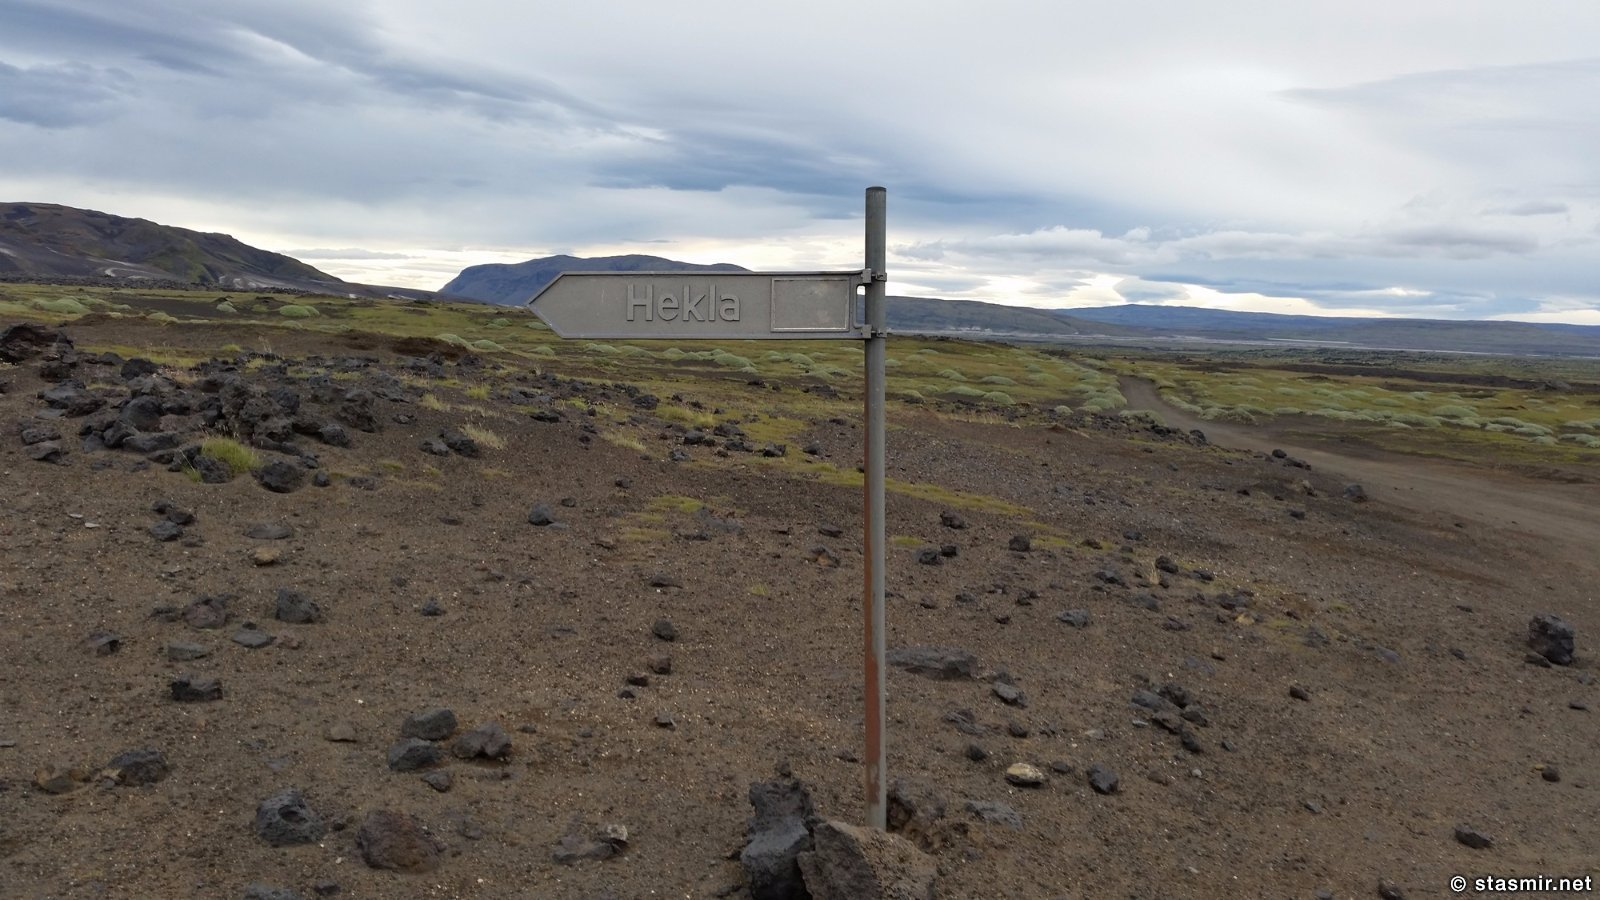 Вулкан Гегла, исландские дорожные знаки, указатели в Исландии, Ландманналёйгар, Ландманналаугар, Landmannalaugar, Icelandic road signs, Photo Stasmir, фото Стасмир